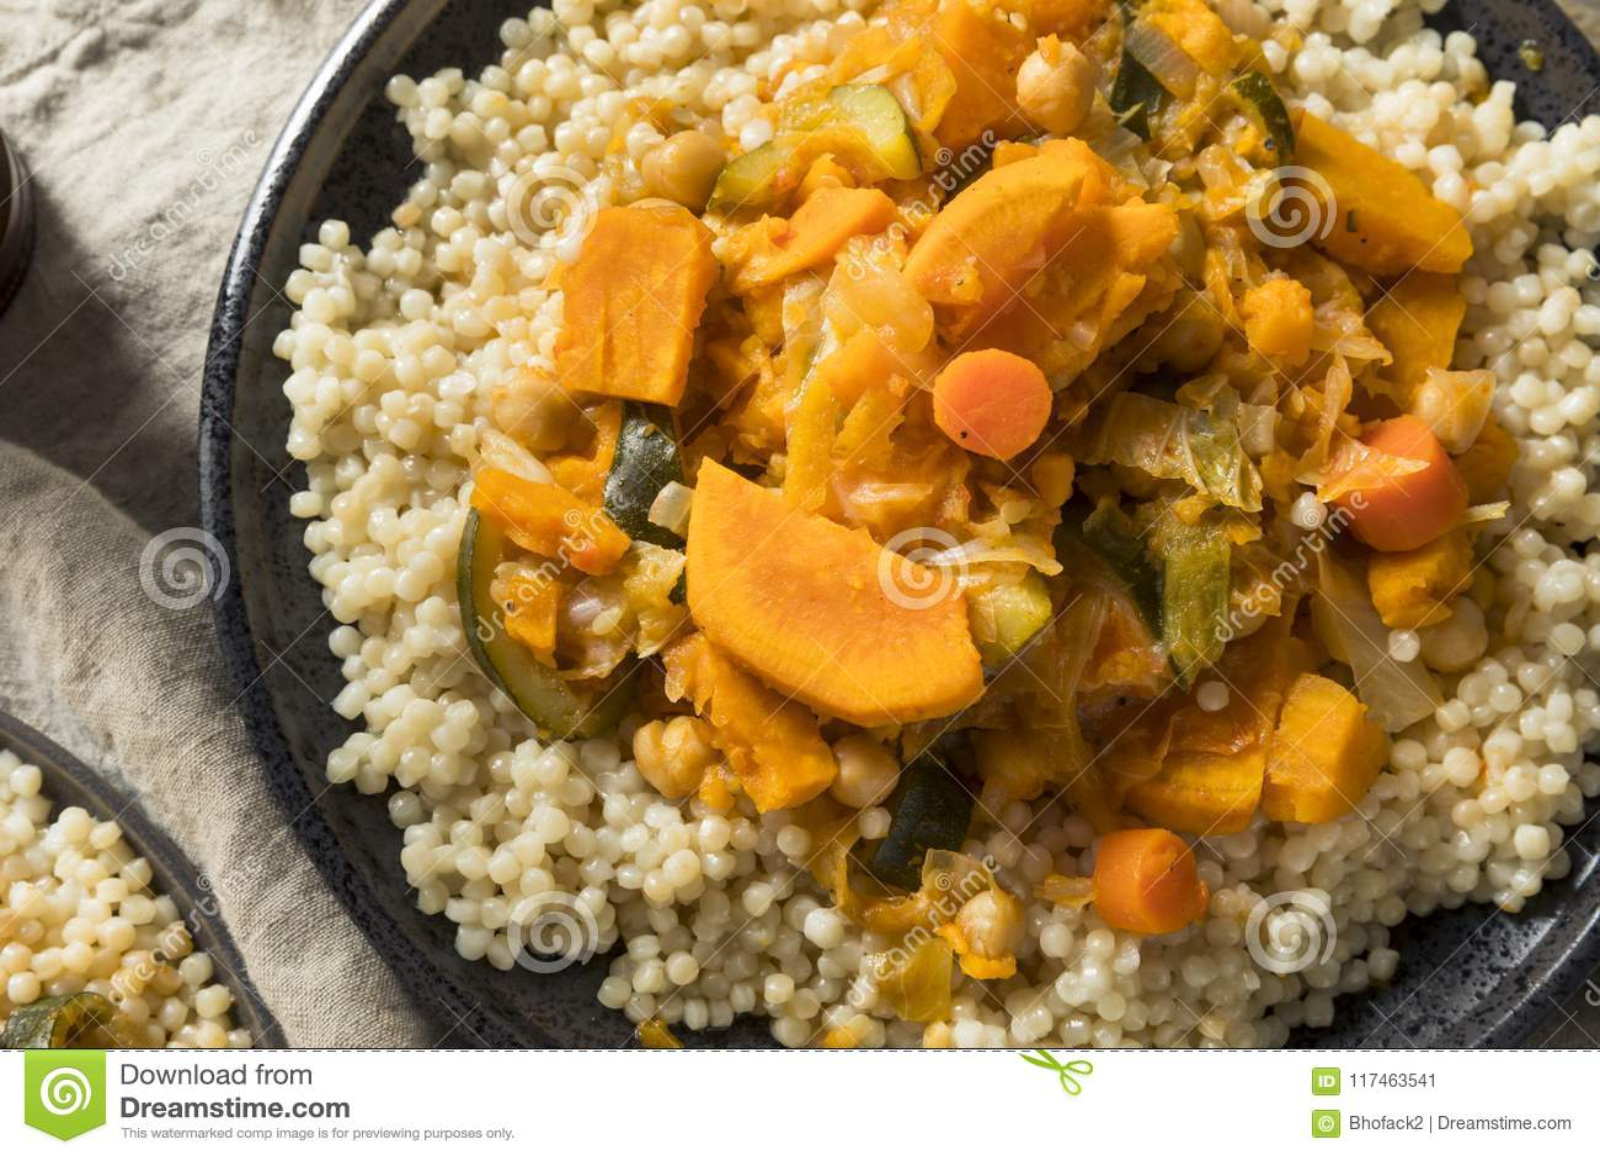 Couscous Marocain Vegetarien Fait Maison Image Stock Image Du Couscous Vegetarien 117463541